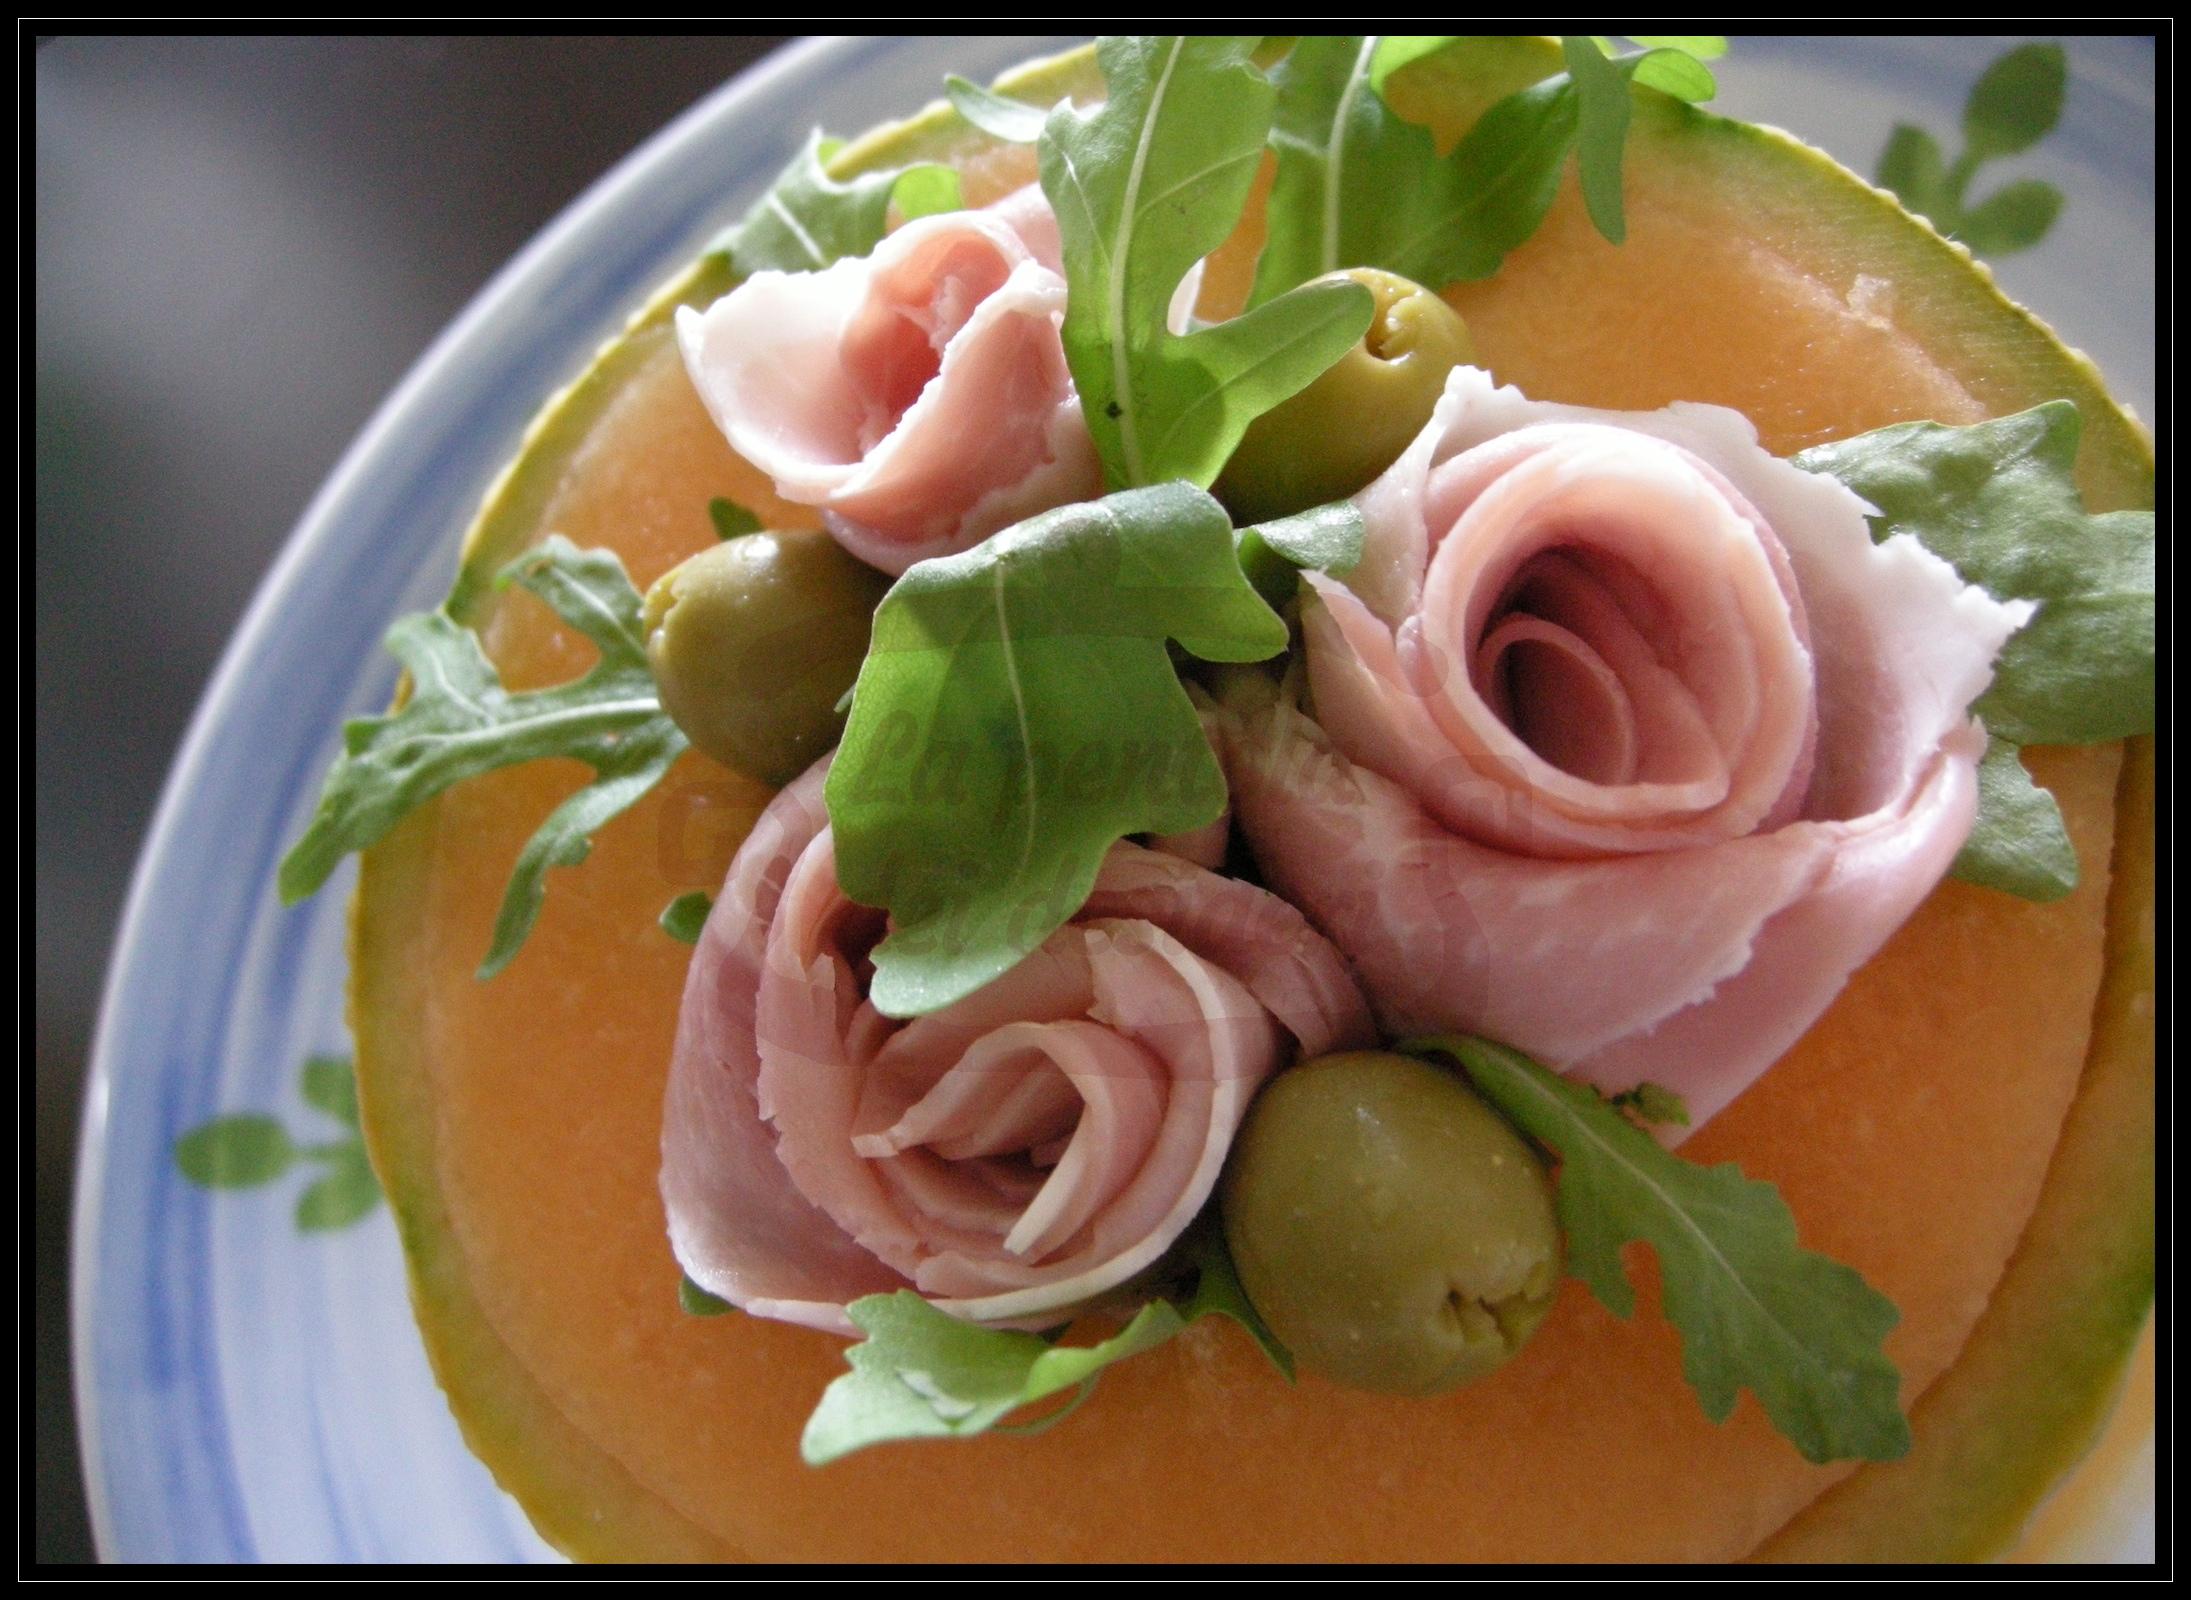 Coppa di melone con rose di prosciutto cotto, olive verdi e rucola.